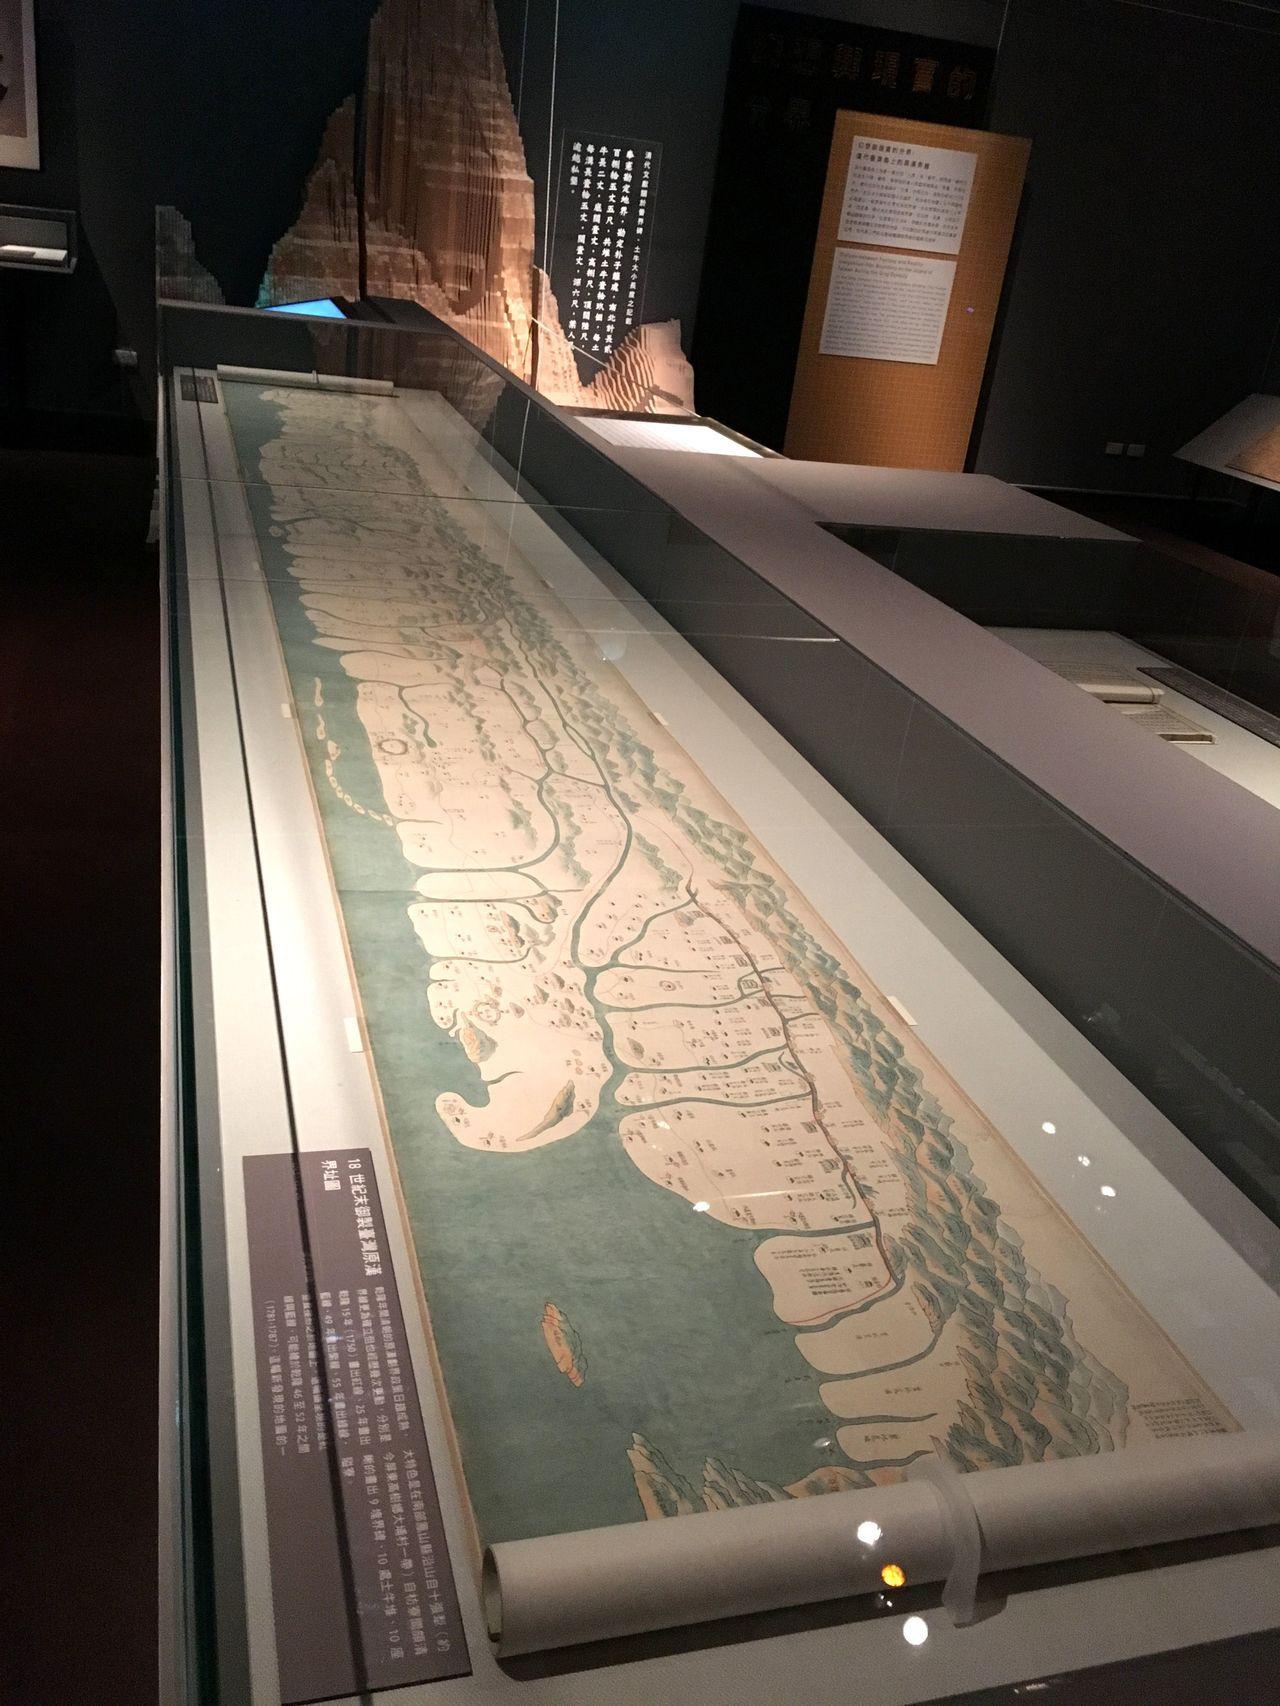 台史博展出台灣首次亮相的「十八世紀末御製臺灣原漢界址圖」 。圖/台史博提供